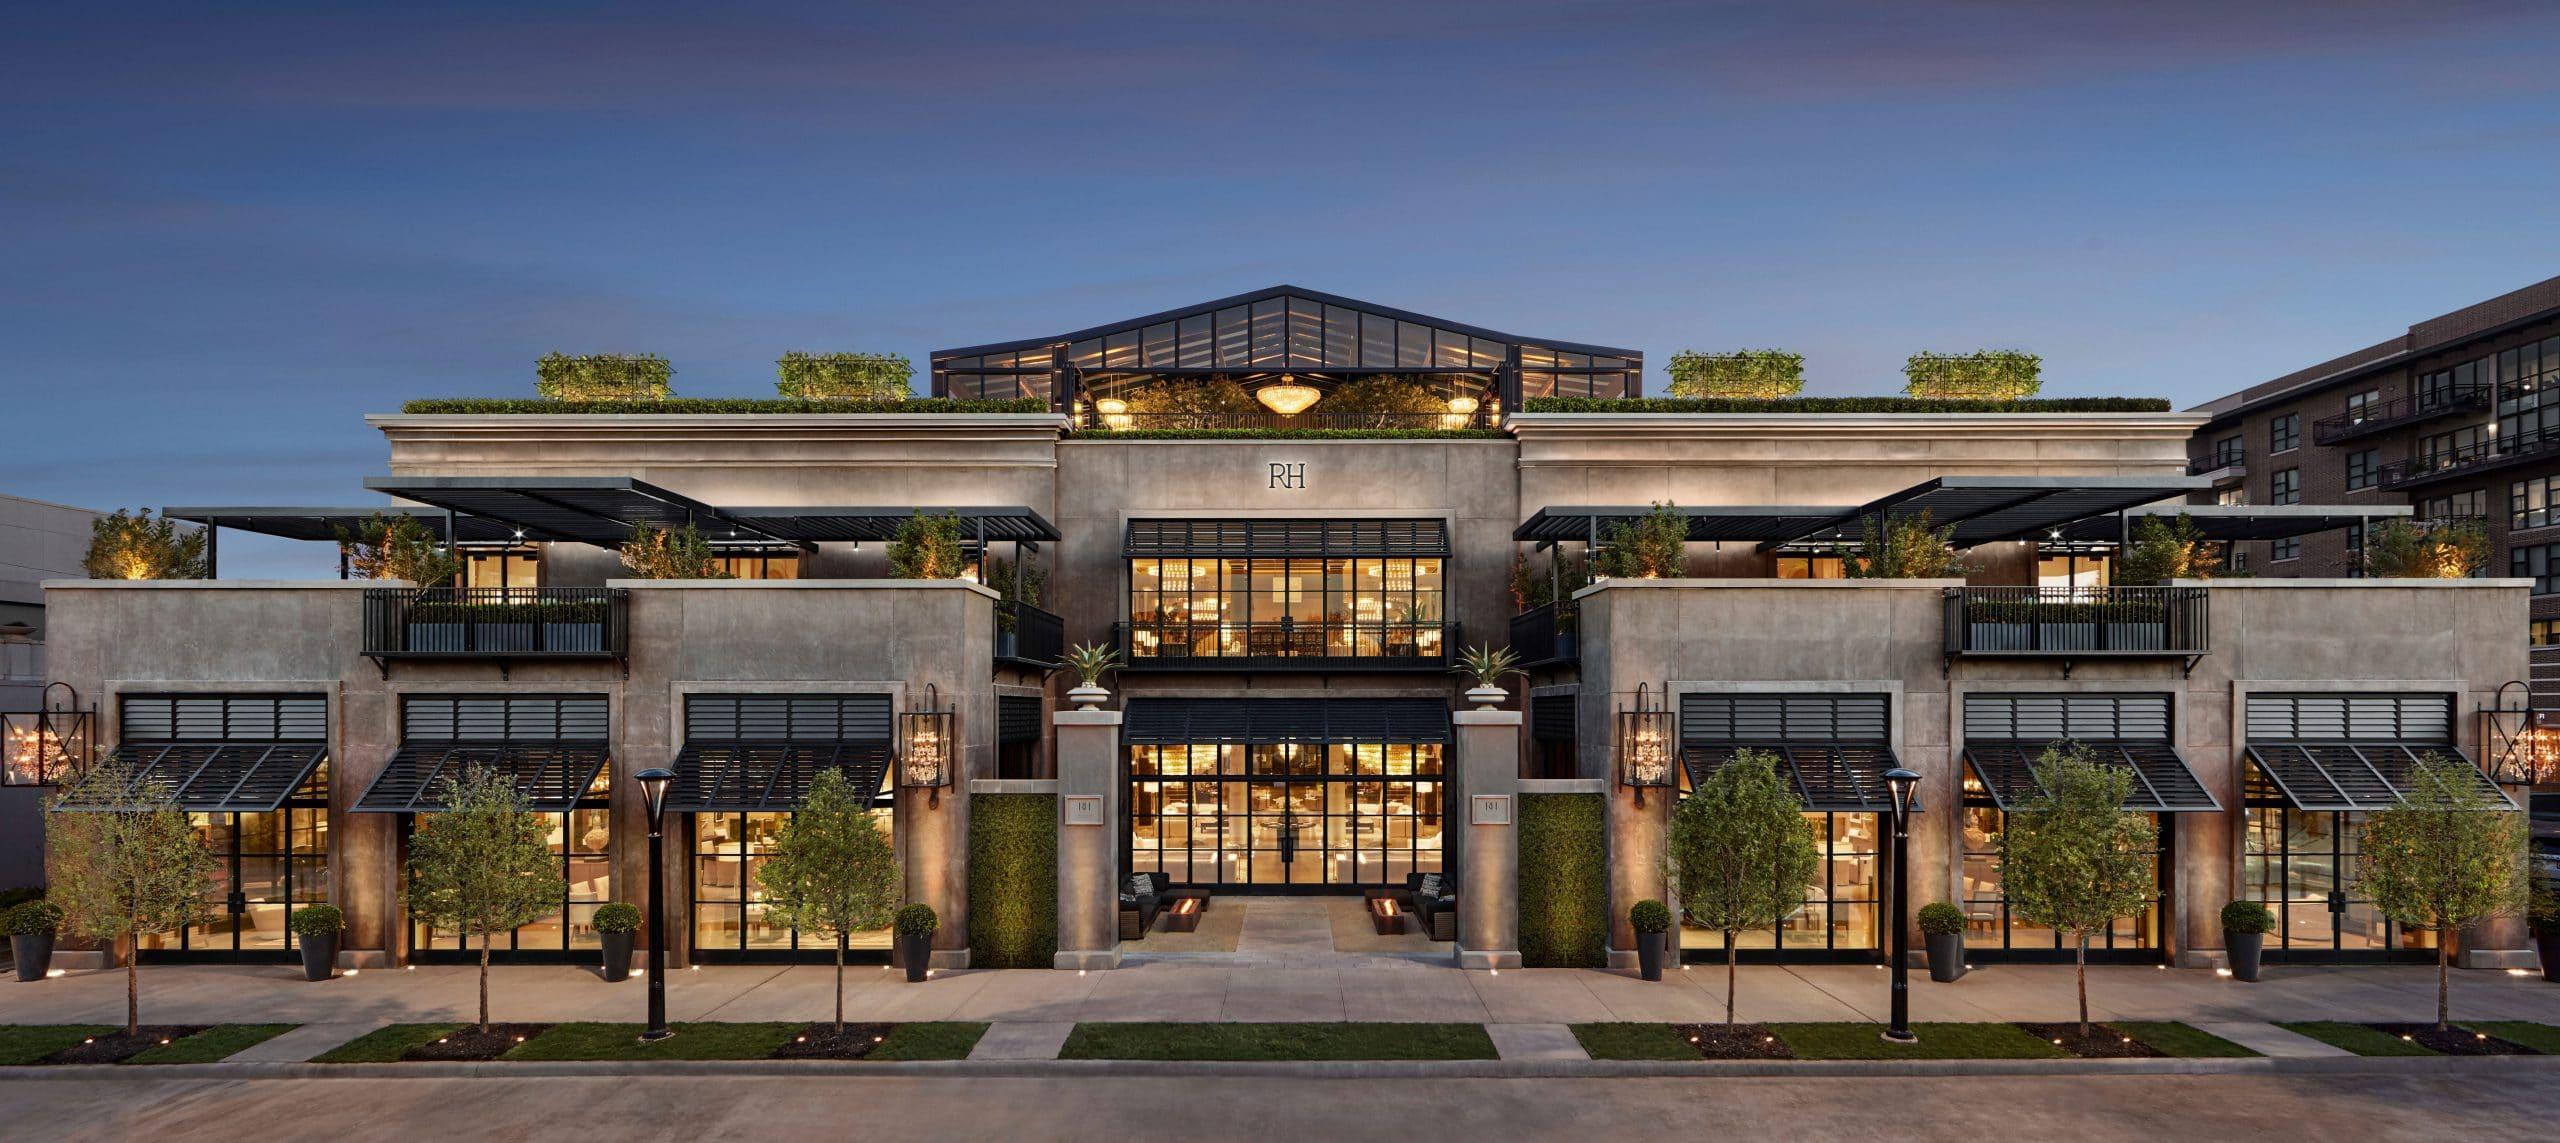 Restoration Hardware Opens Massive, 3-Level Store in Dallas